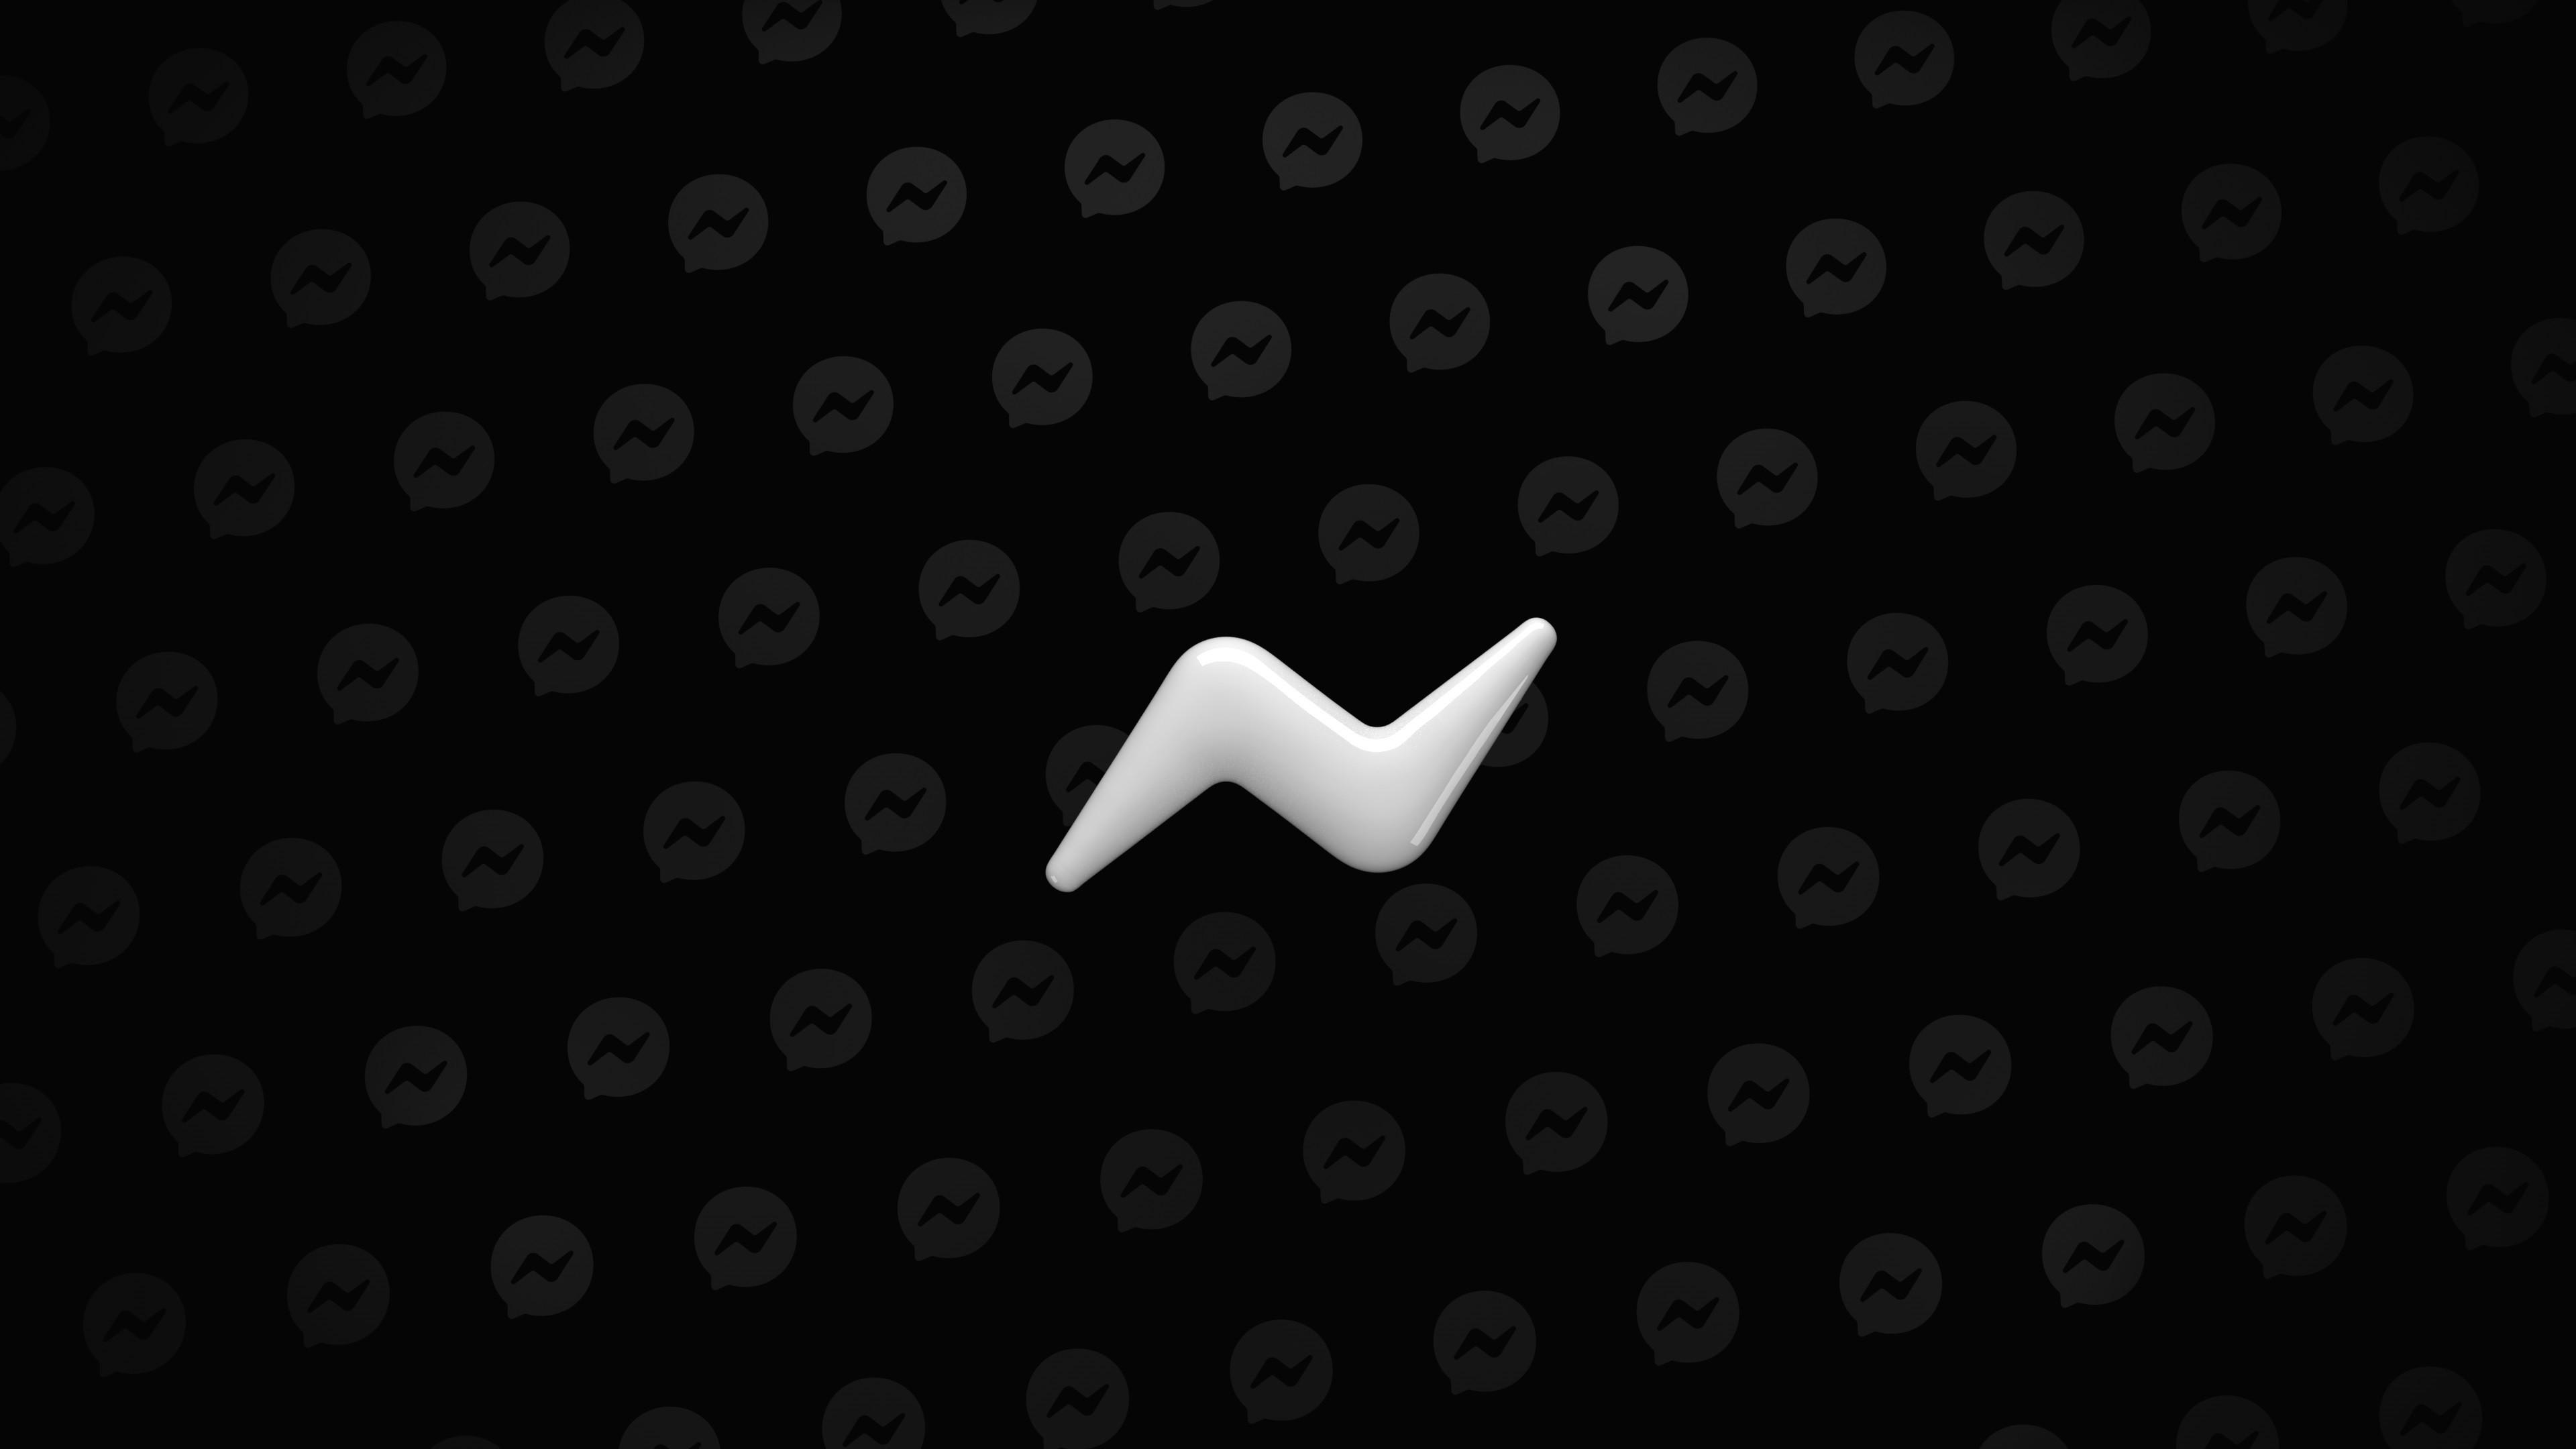 Messenger recebeu oficialmente o tema escuro. Saiba como ativar